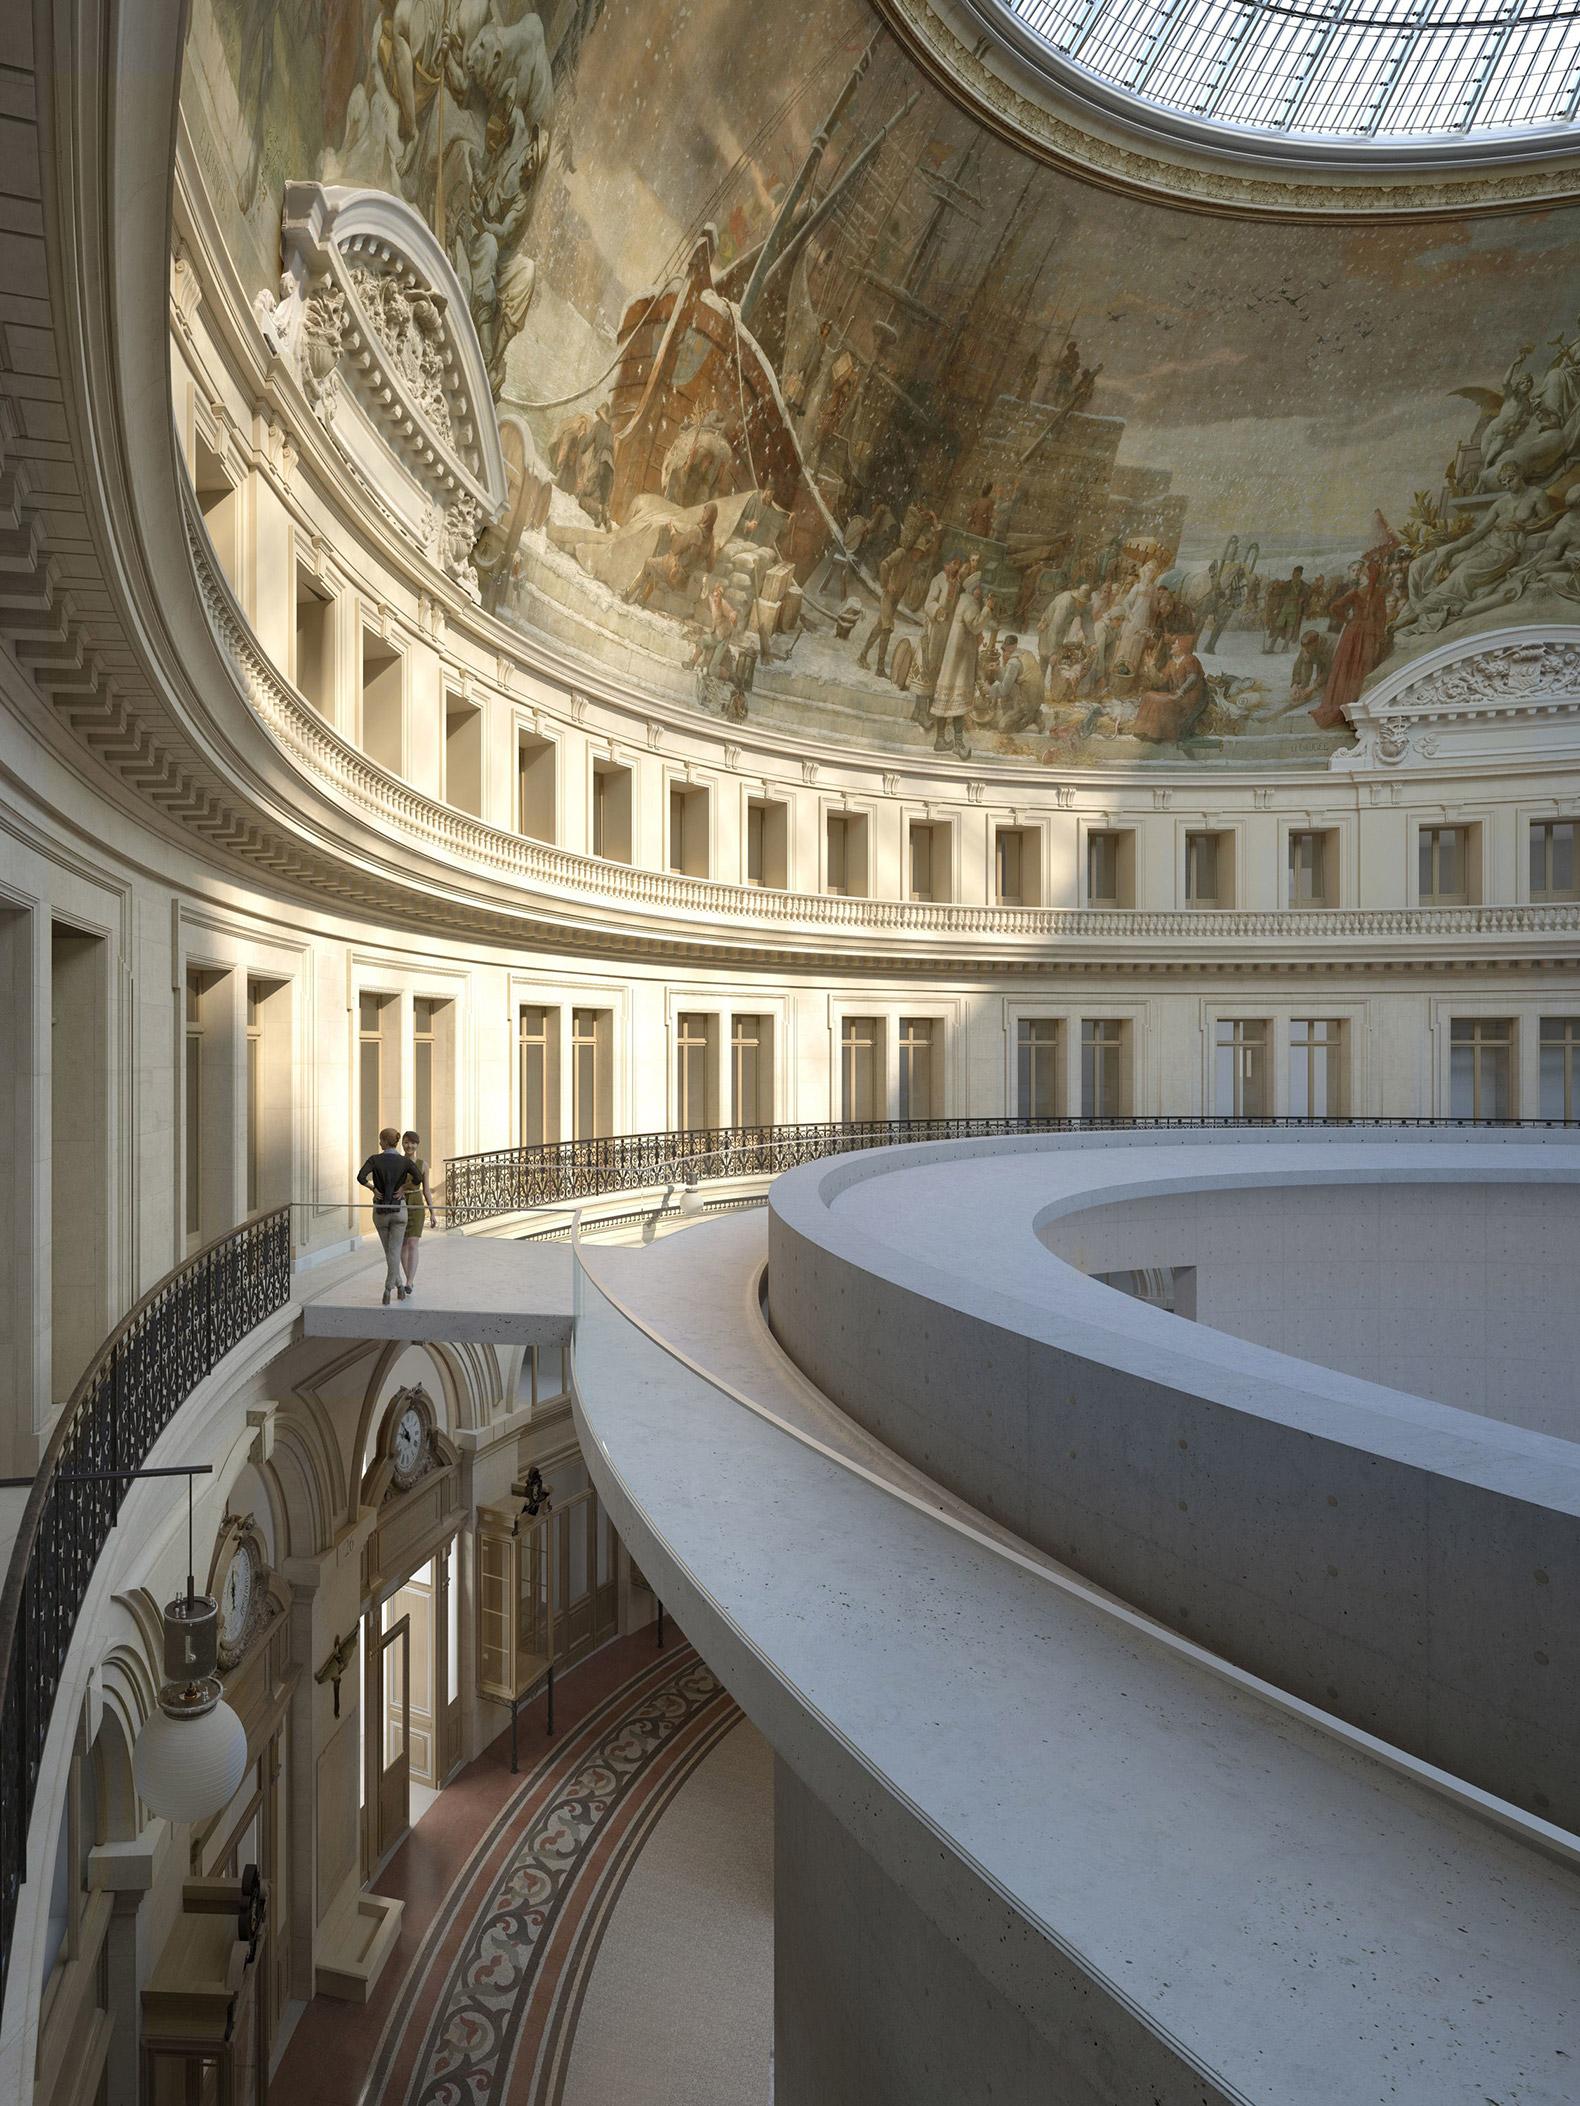 Tadao ando to design a museum inside a former paris stock for Architecture a paris